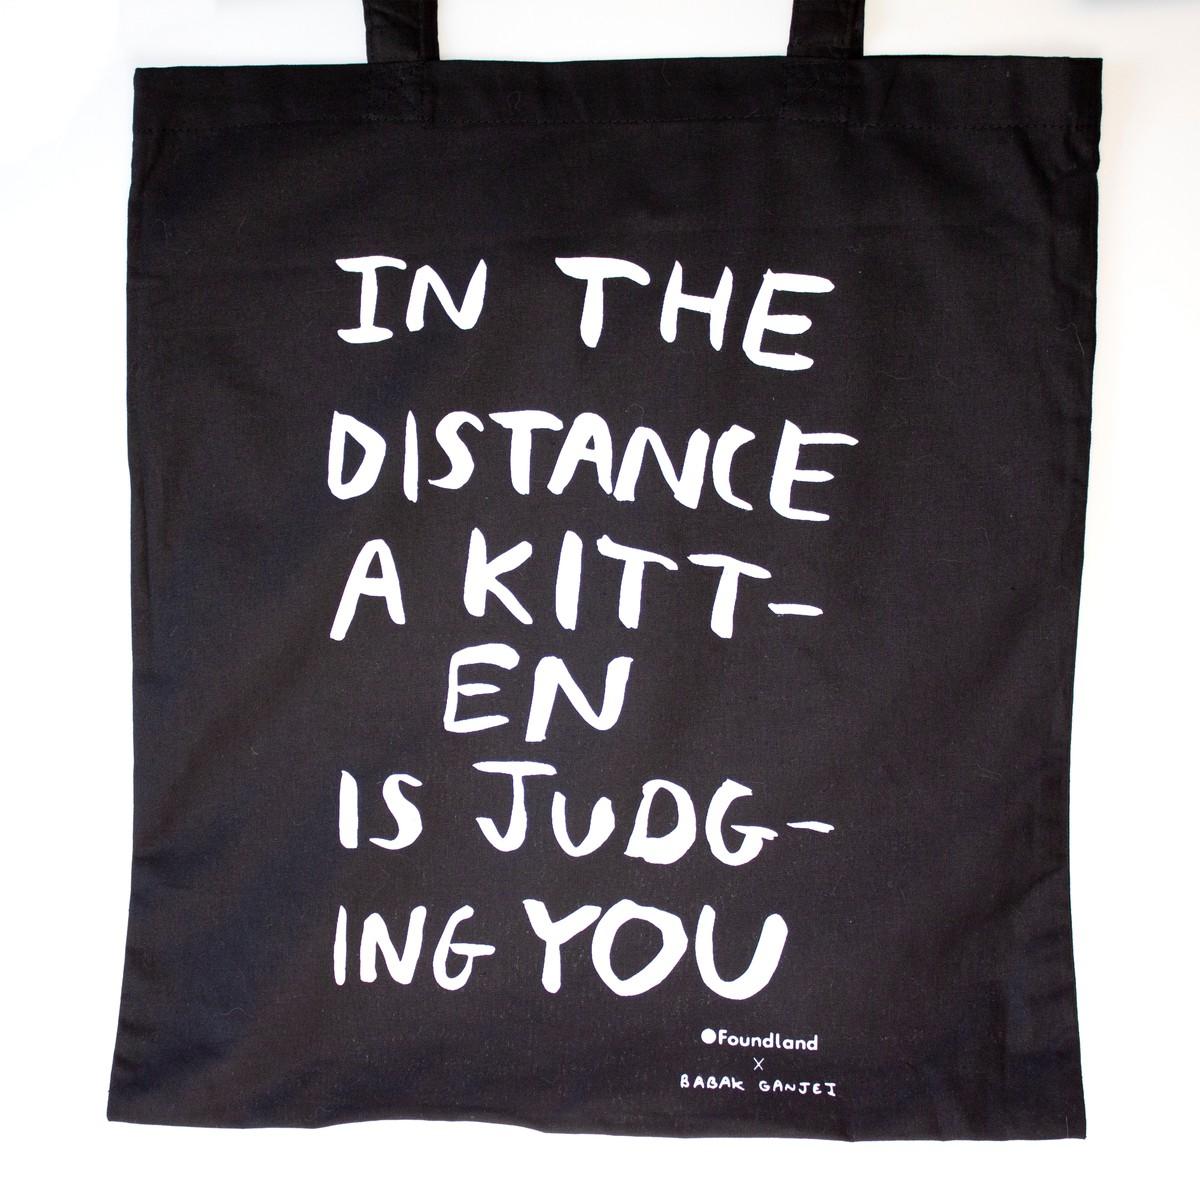 Photo of Judging Kitten Tote Bag Black